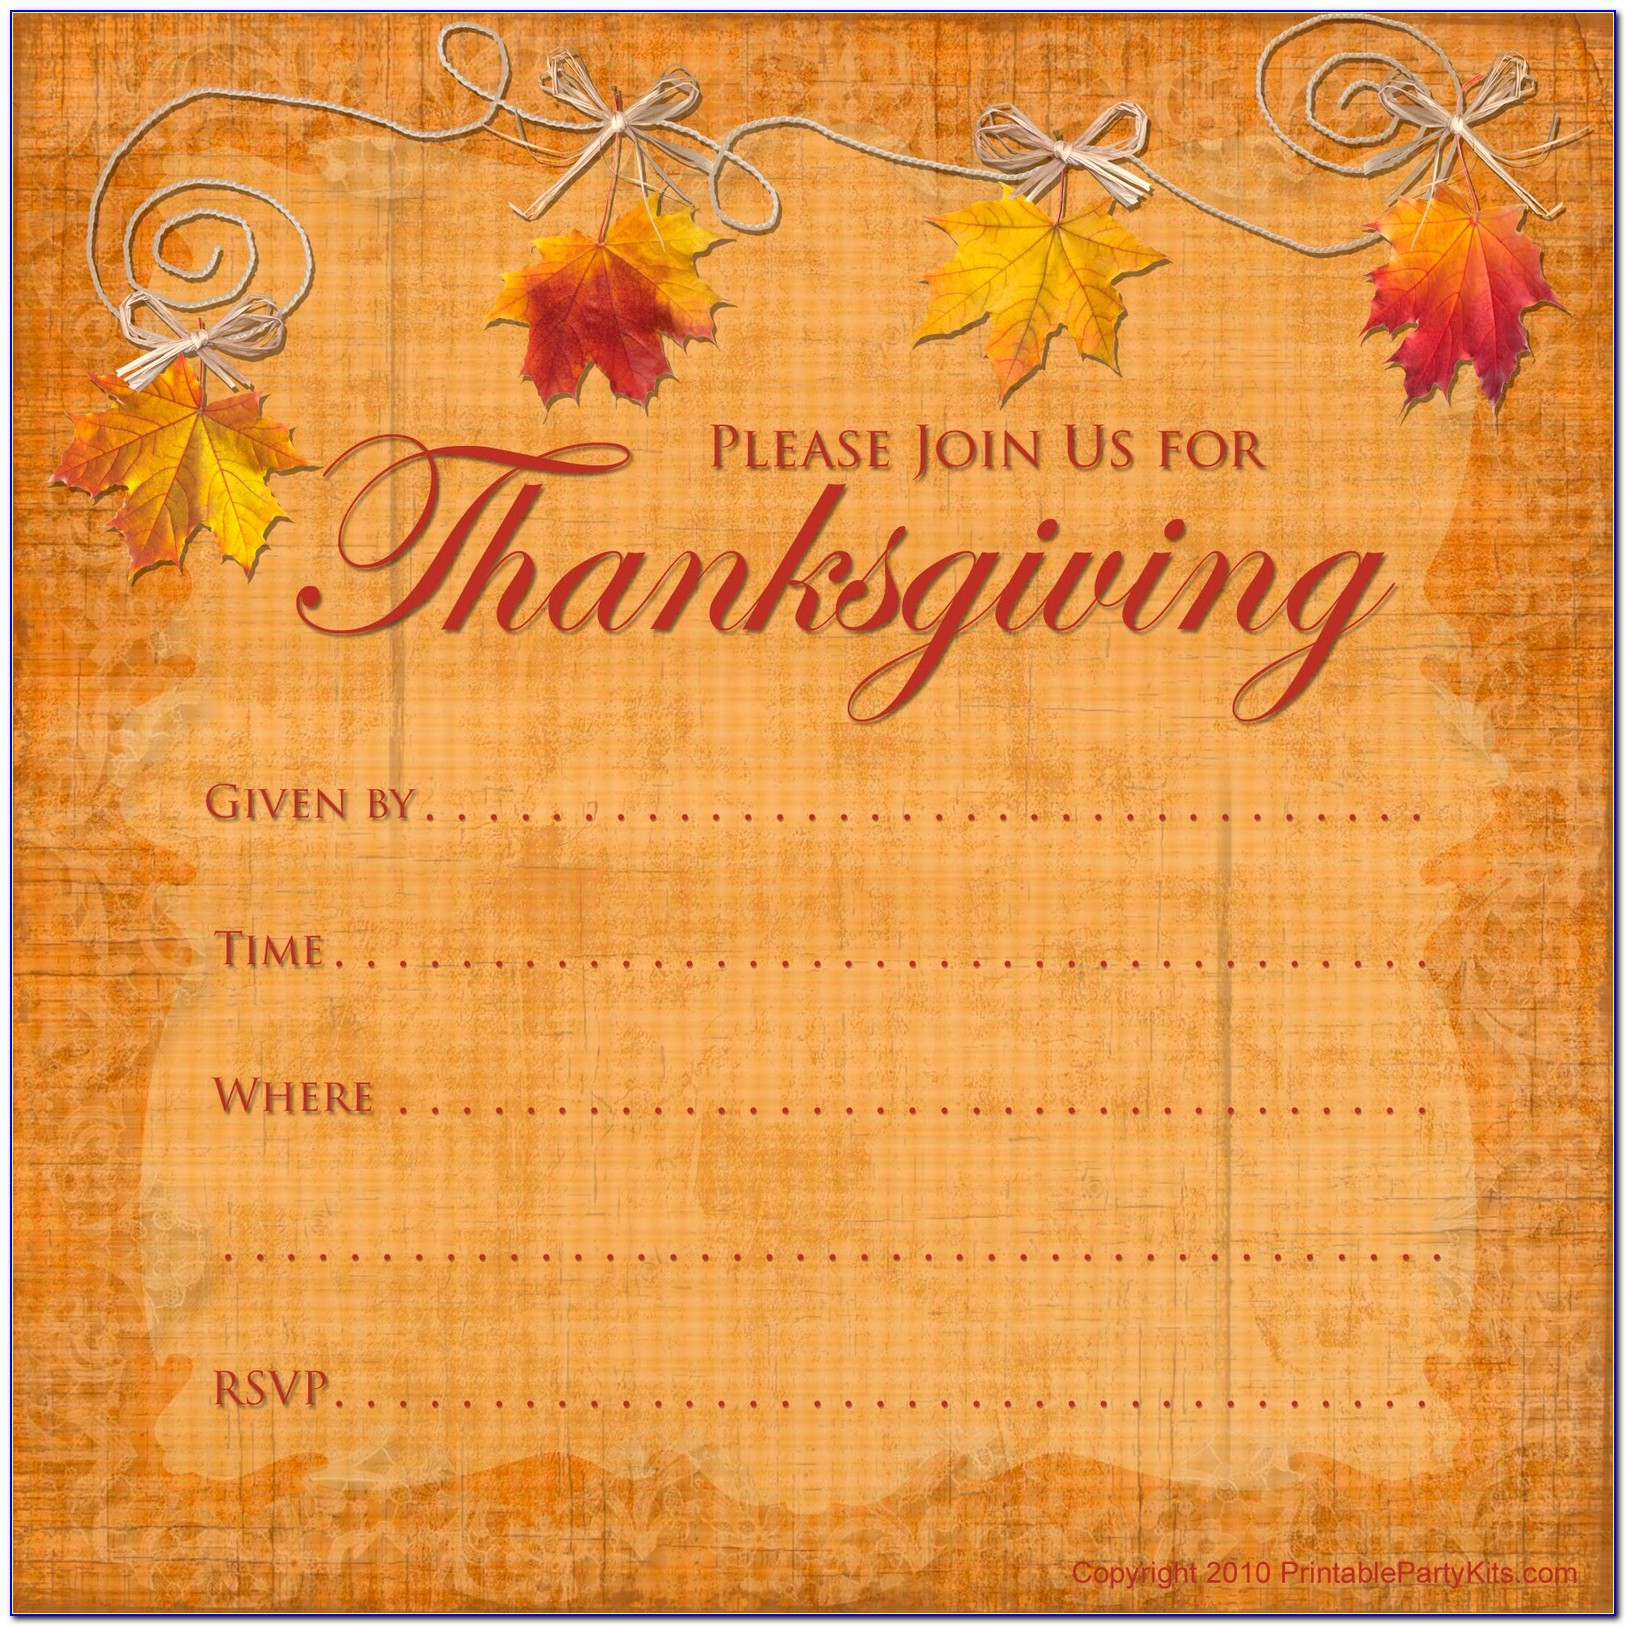 Thanksgiving Invitation Samples